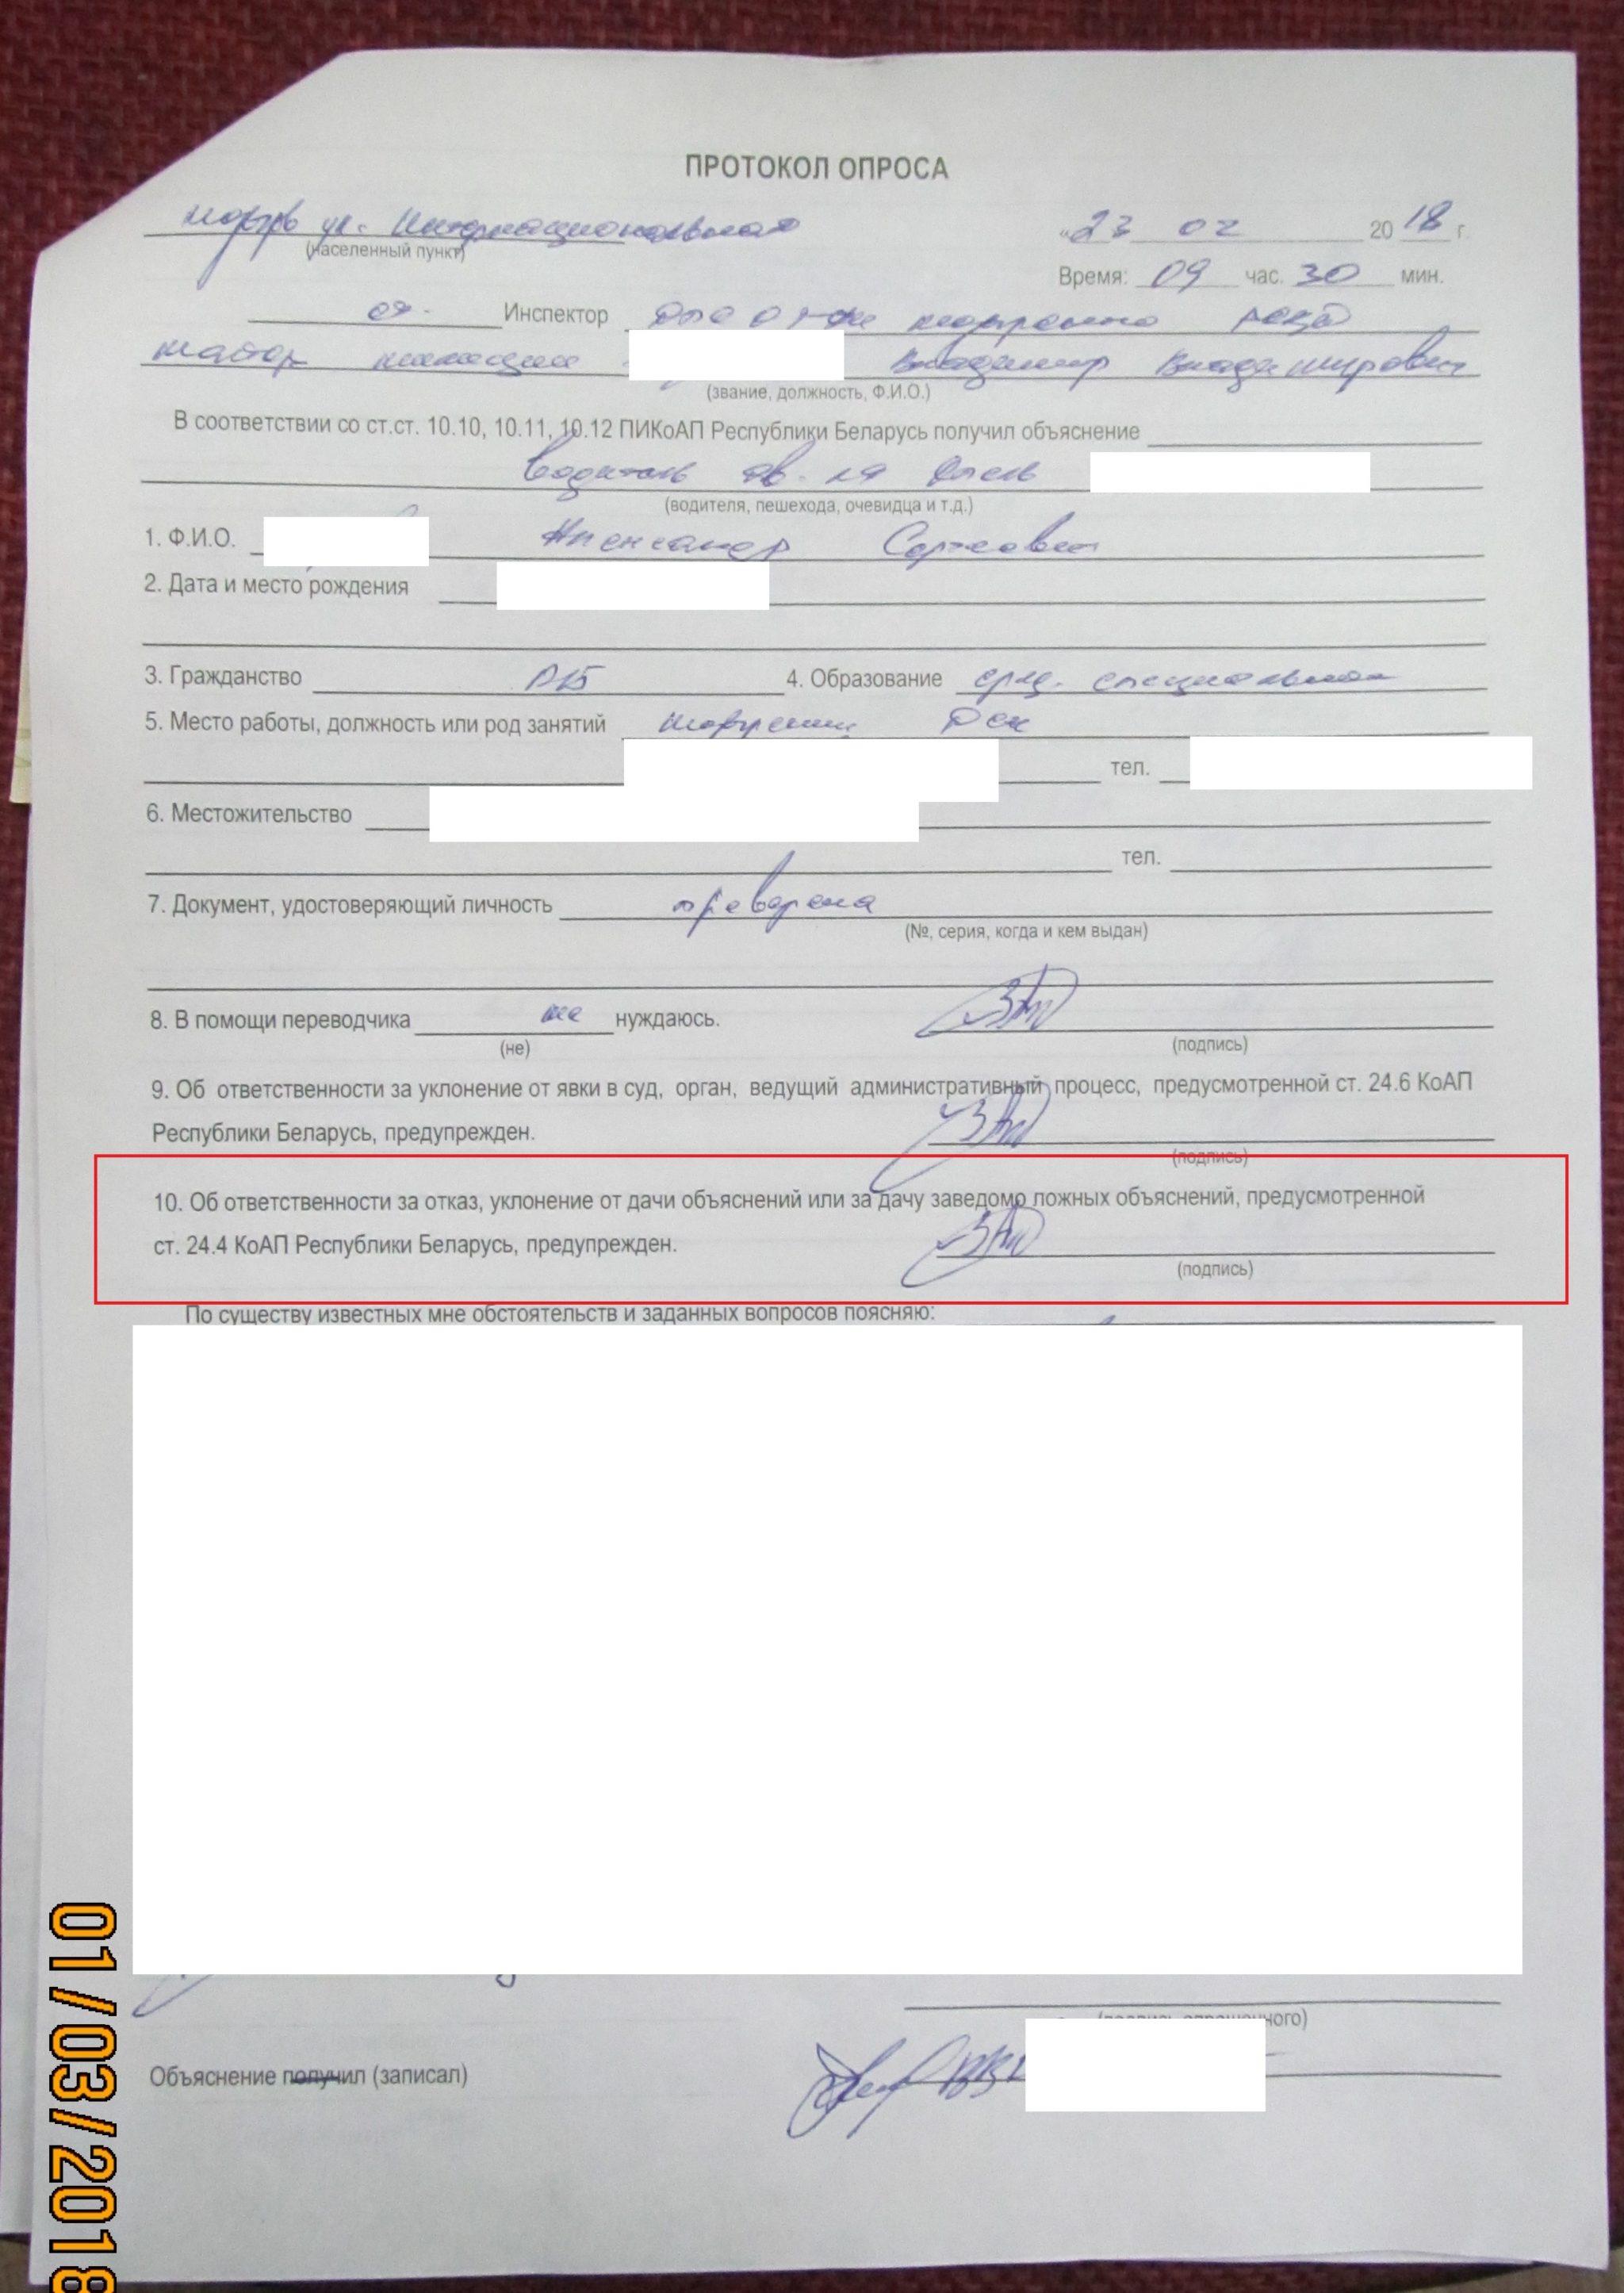 протокол опроса водителя по статье 18.16 КоАП